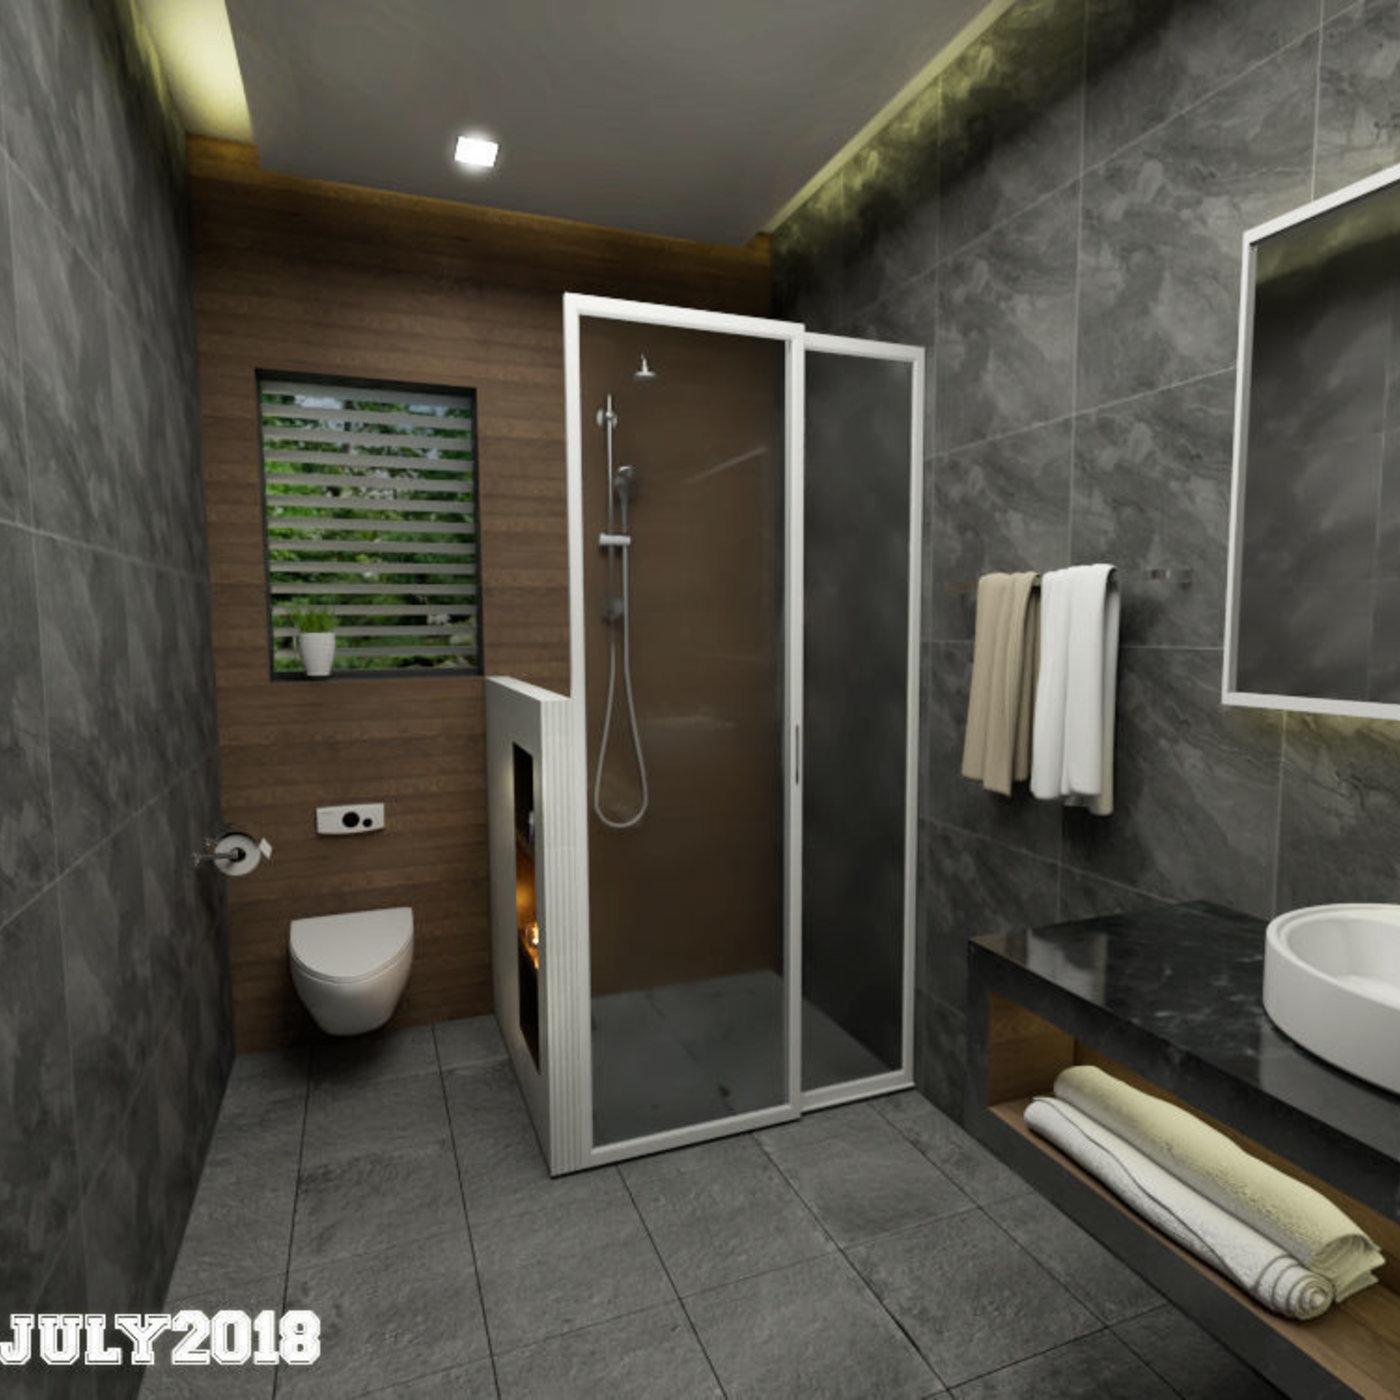 Cozy bathroom design